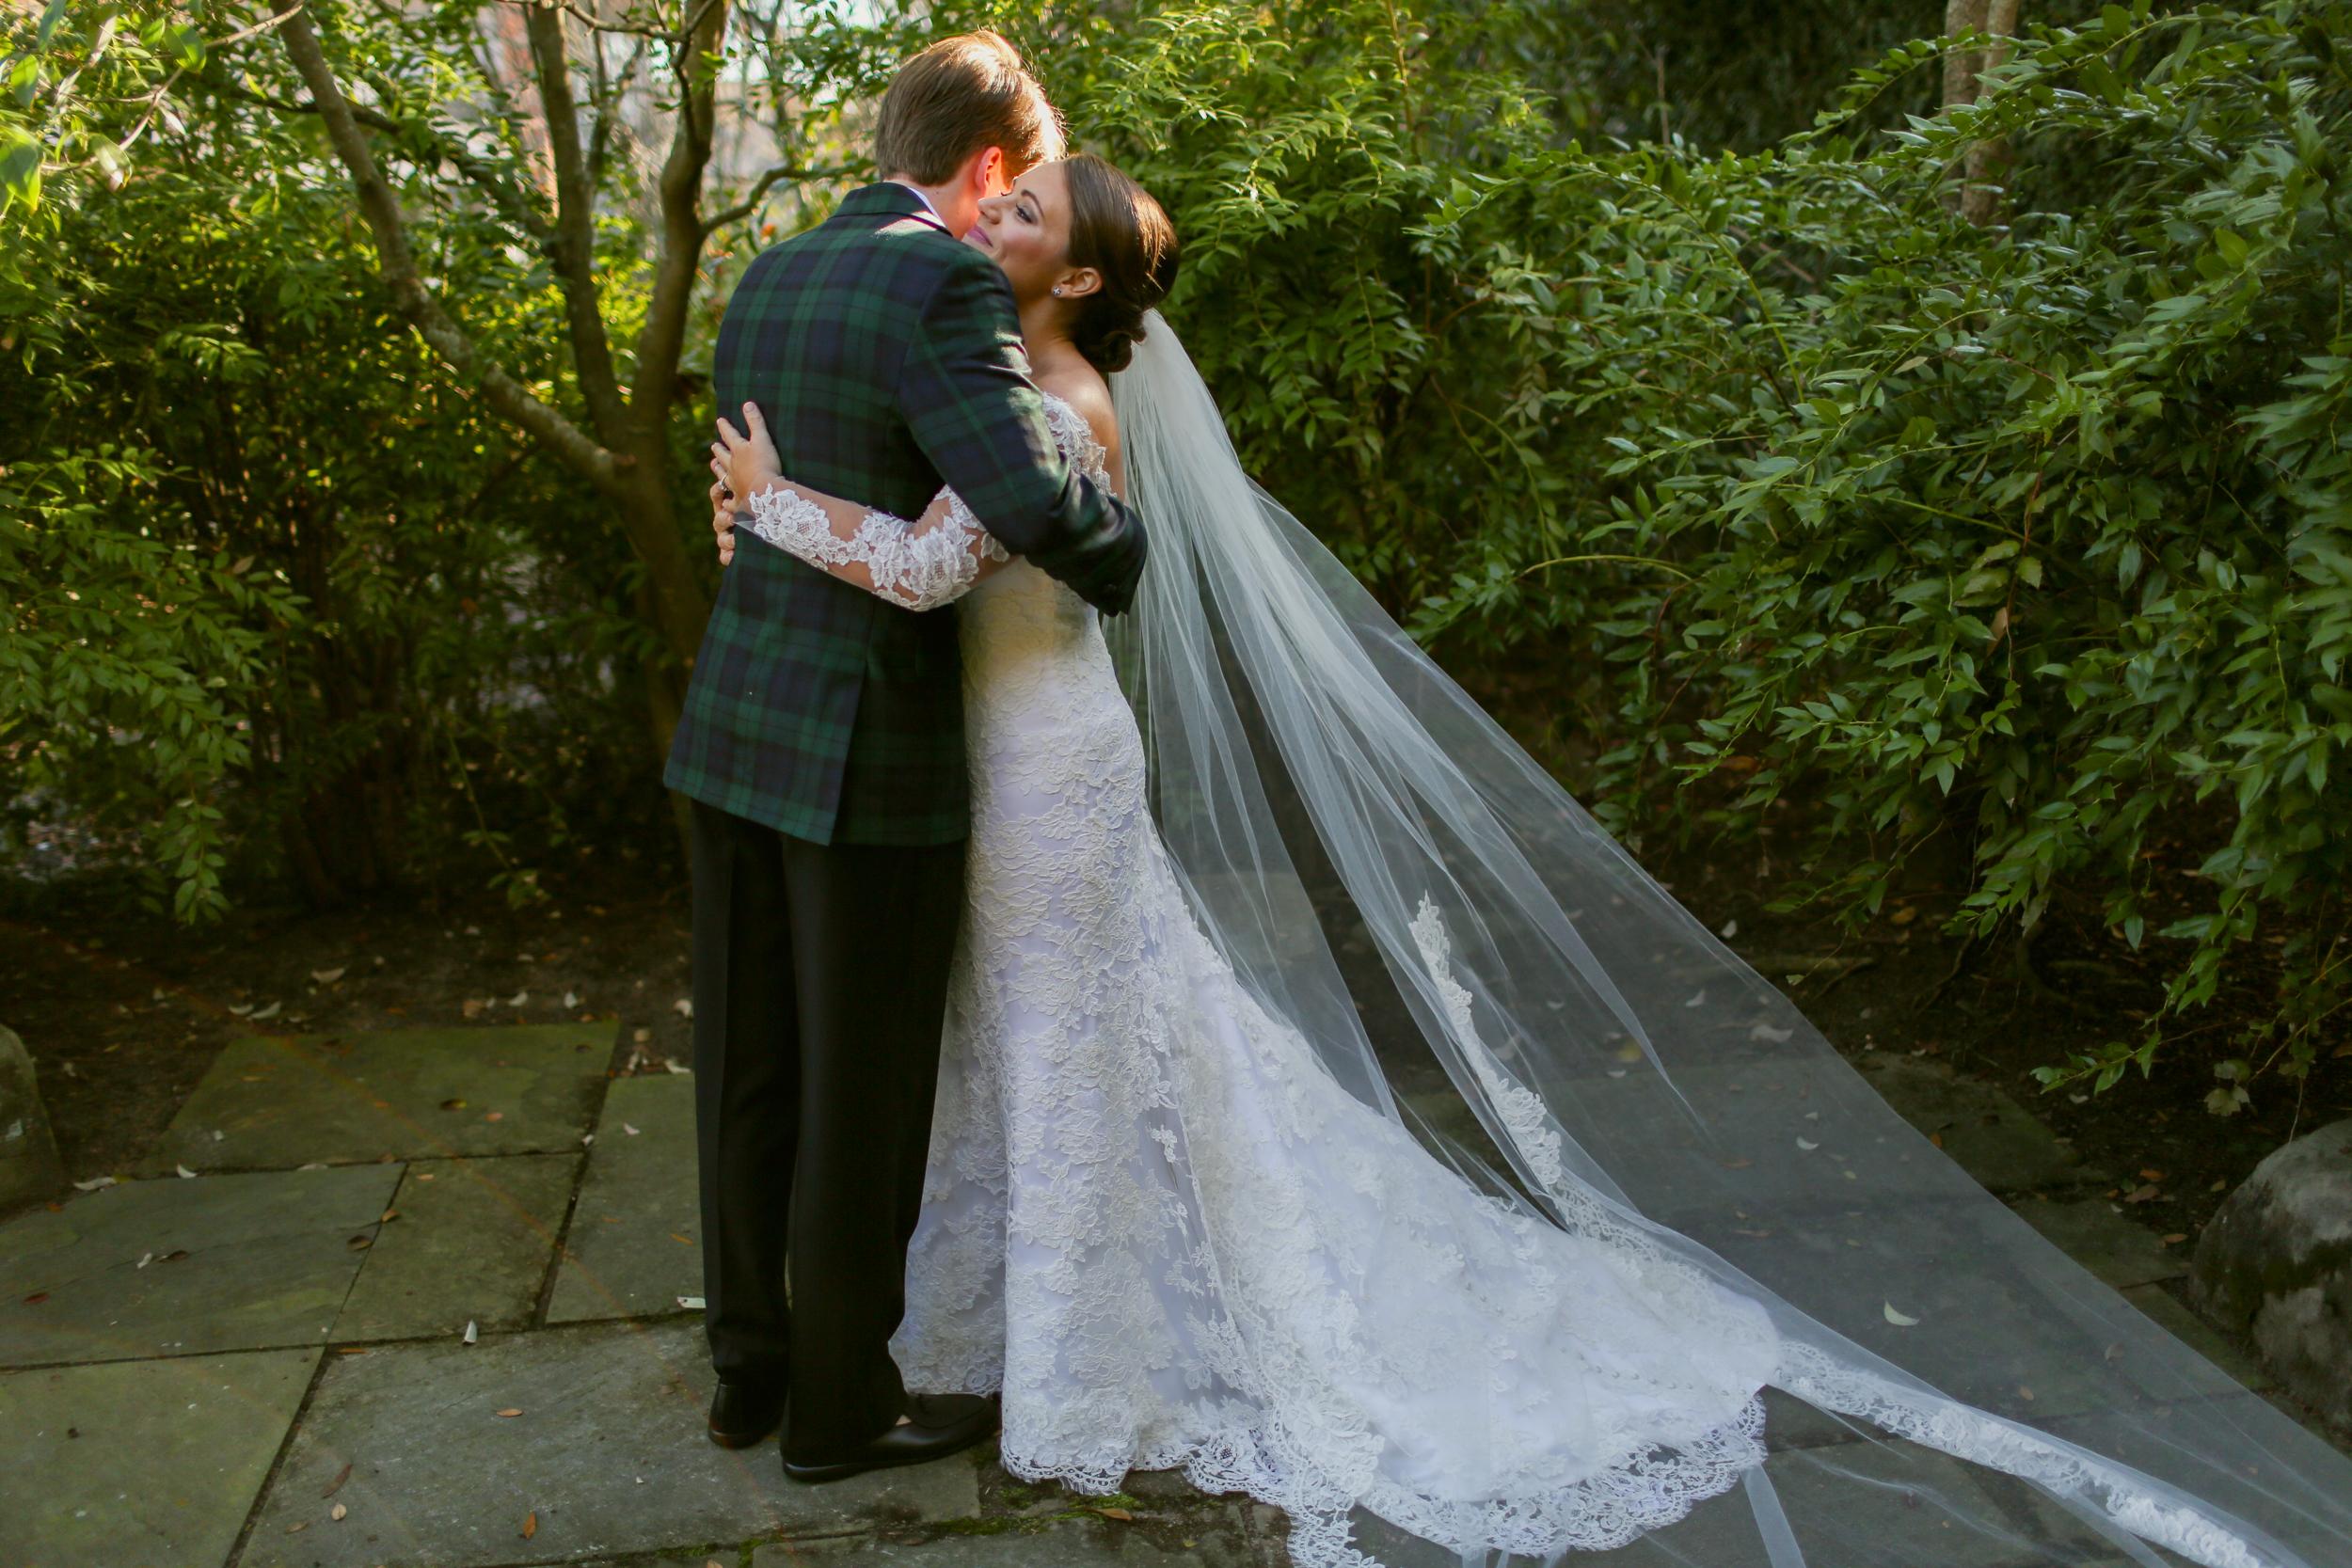 Kuhlke_wedding-258.jpg